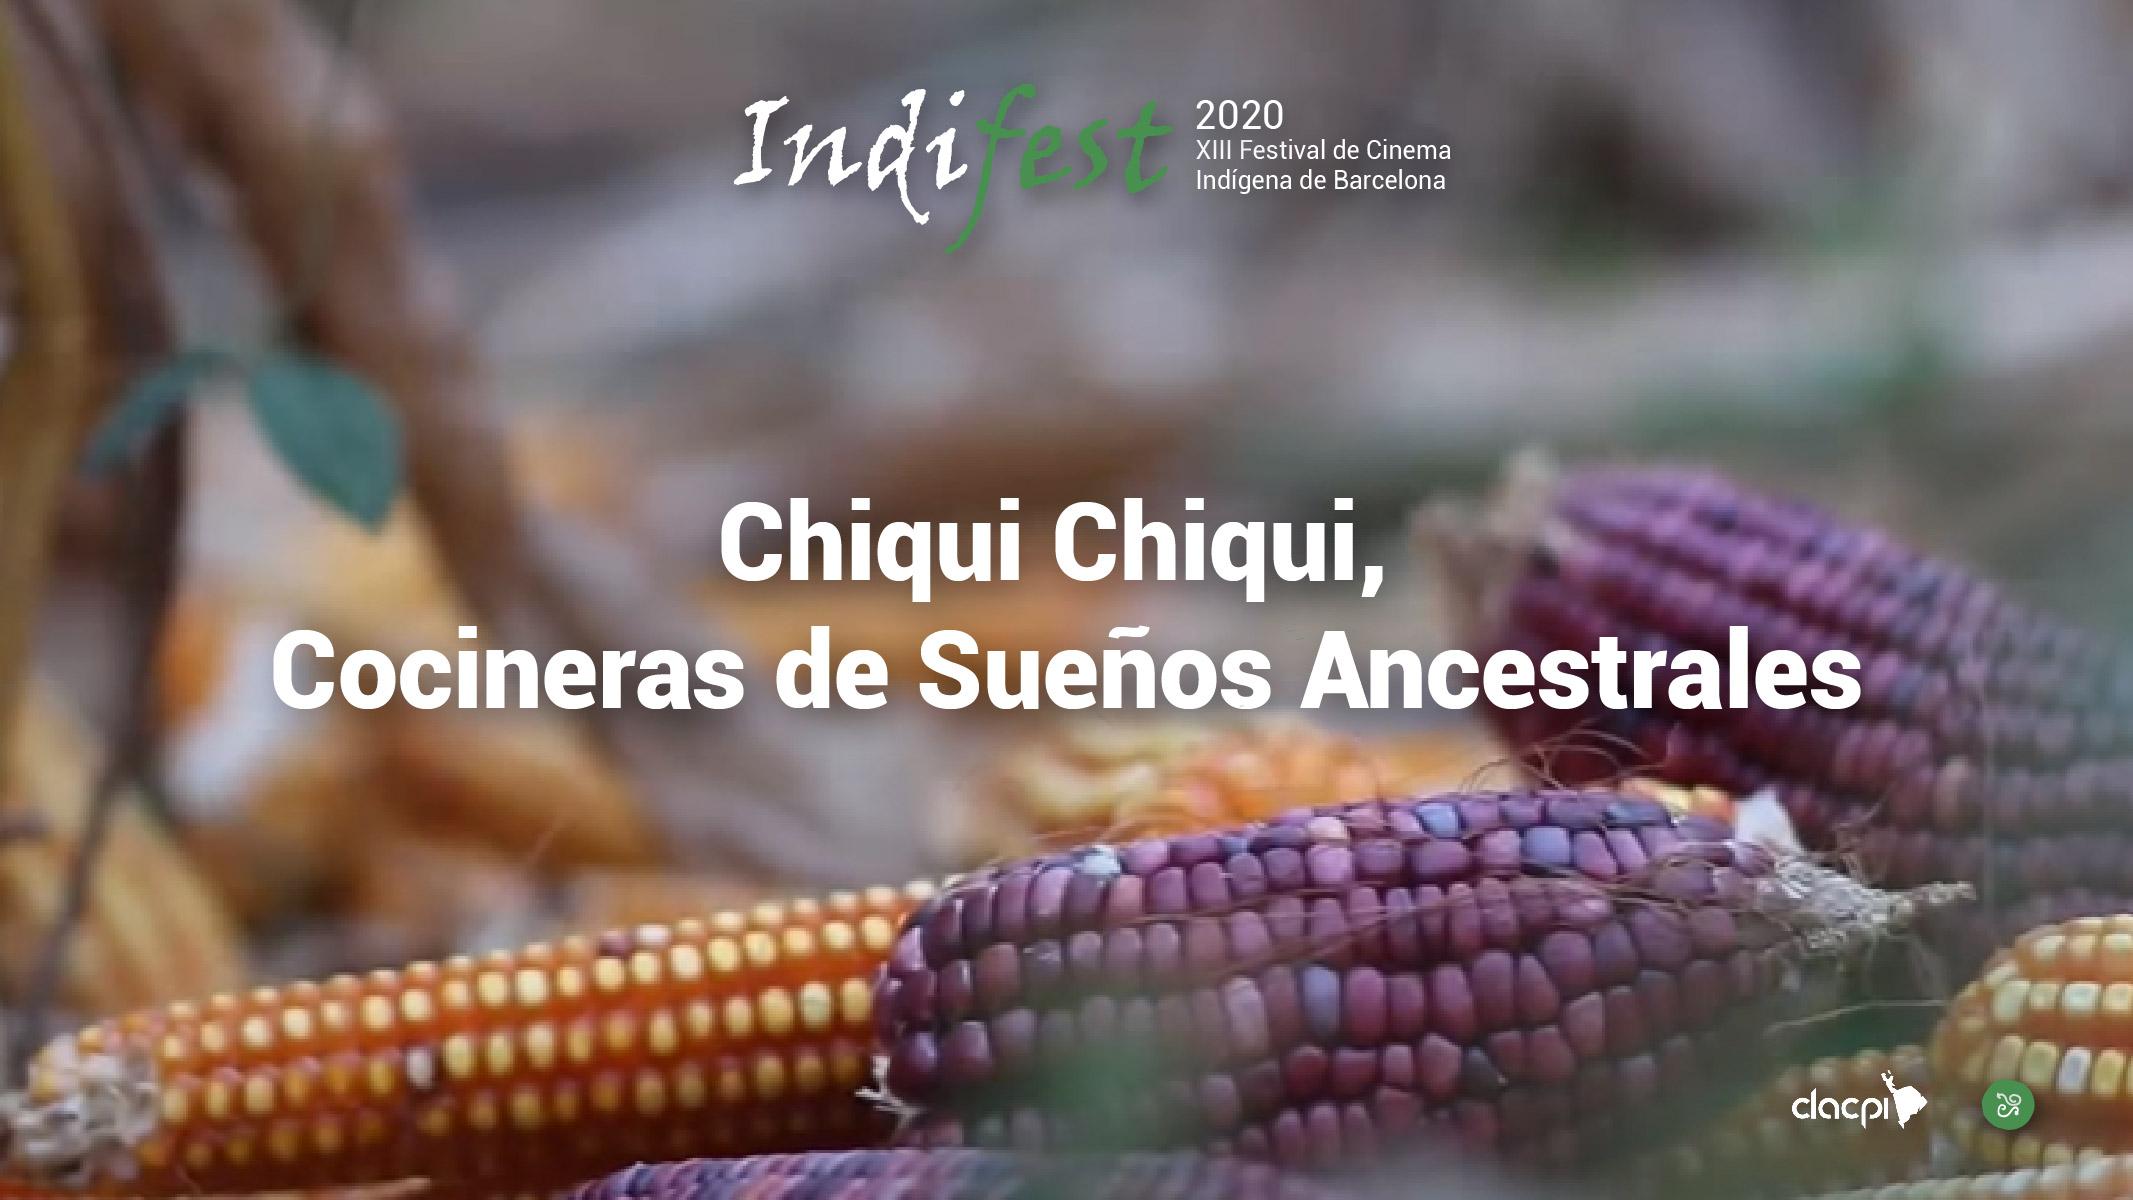 Chiqui Chiqui, Cocineras de Sueños Ancestrales